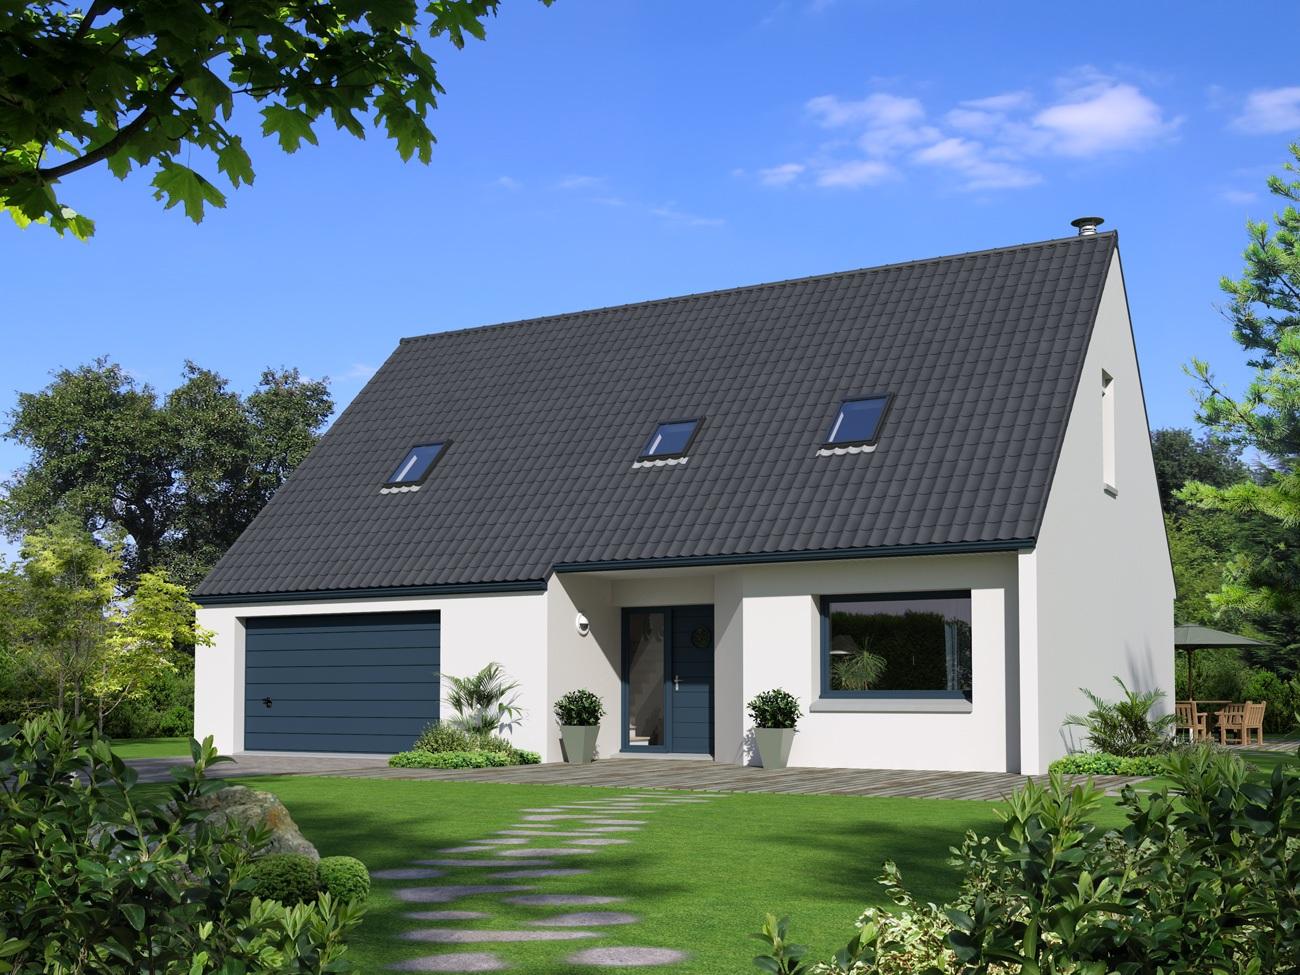 Maisons + Terrains du constructeur MAISON FAMILIALE • 107 m² • SAINS EN GOHELLE